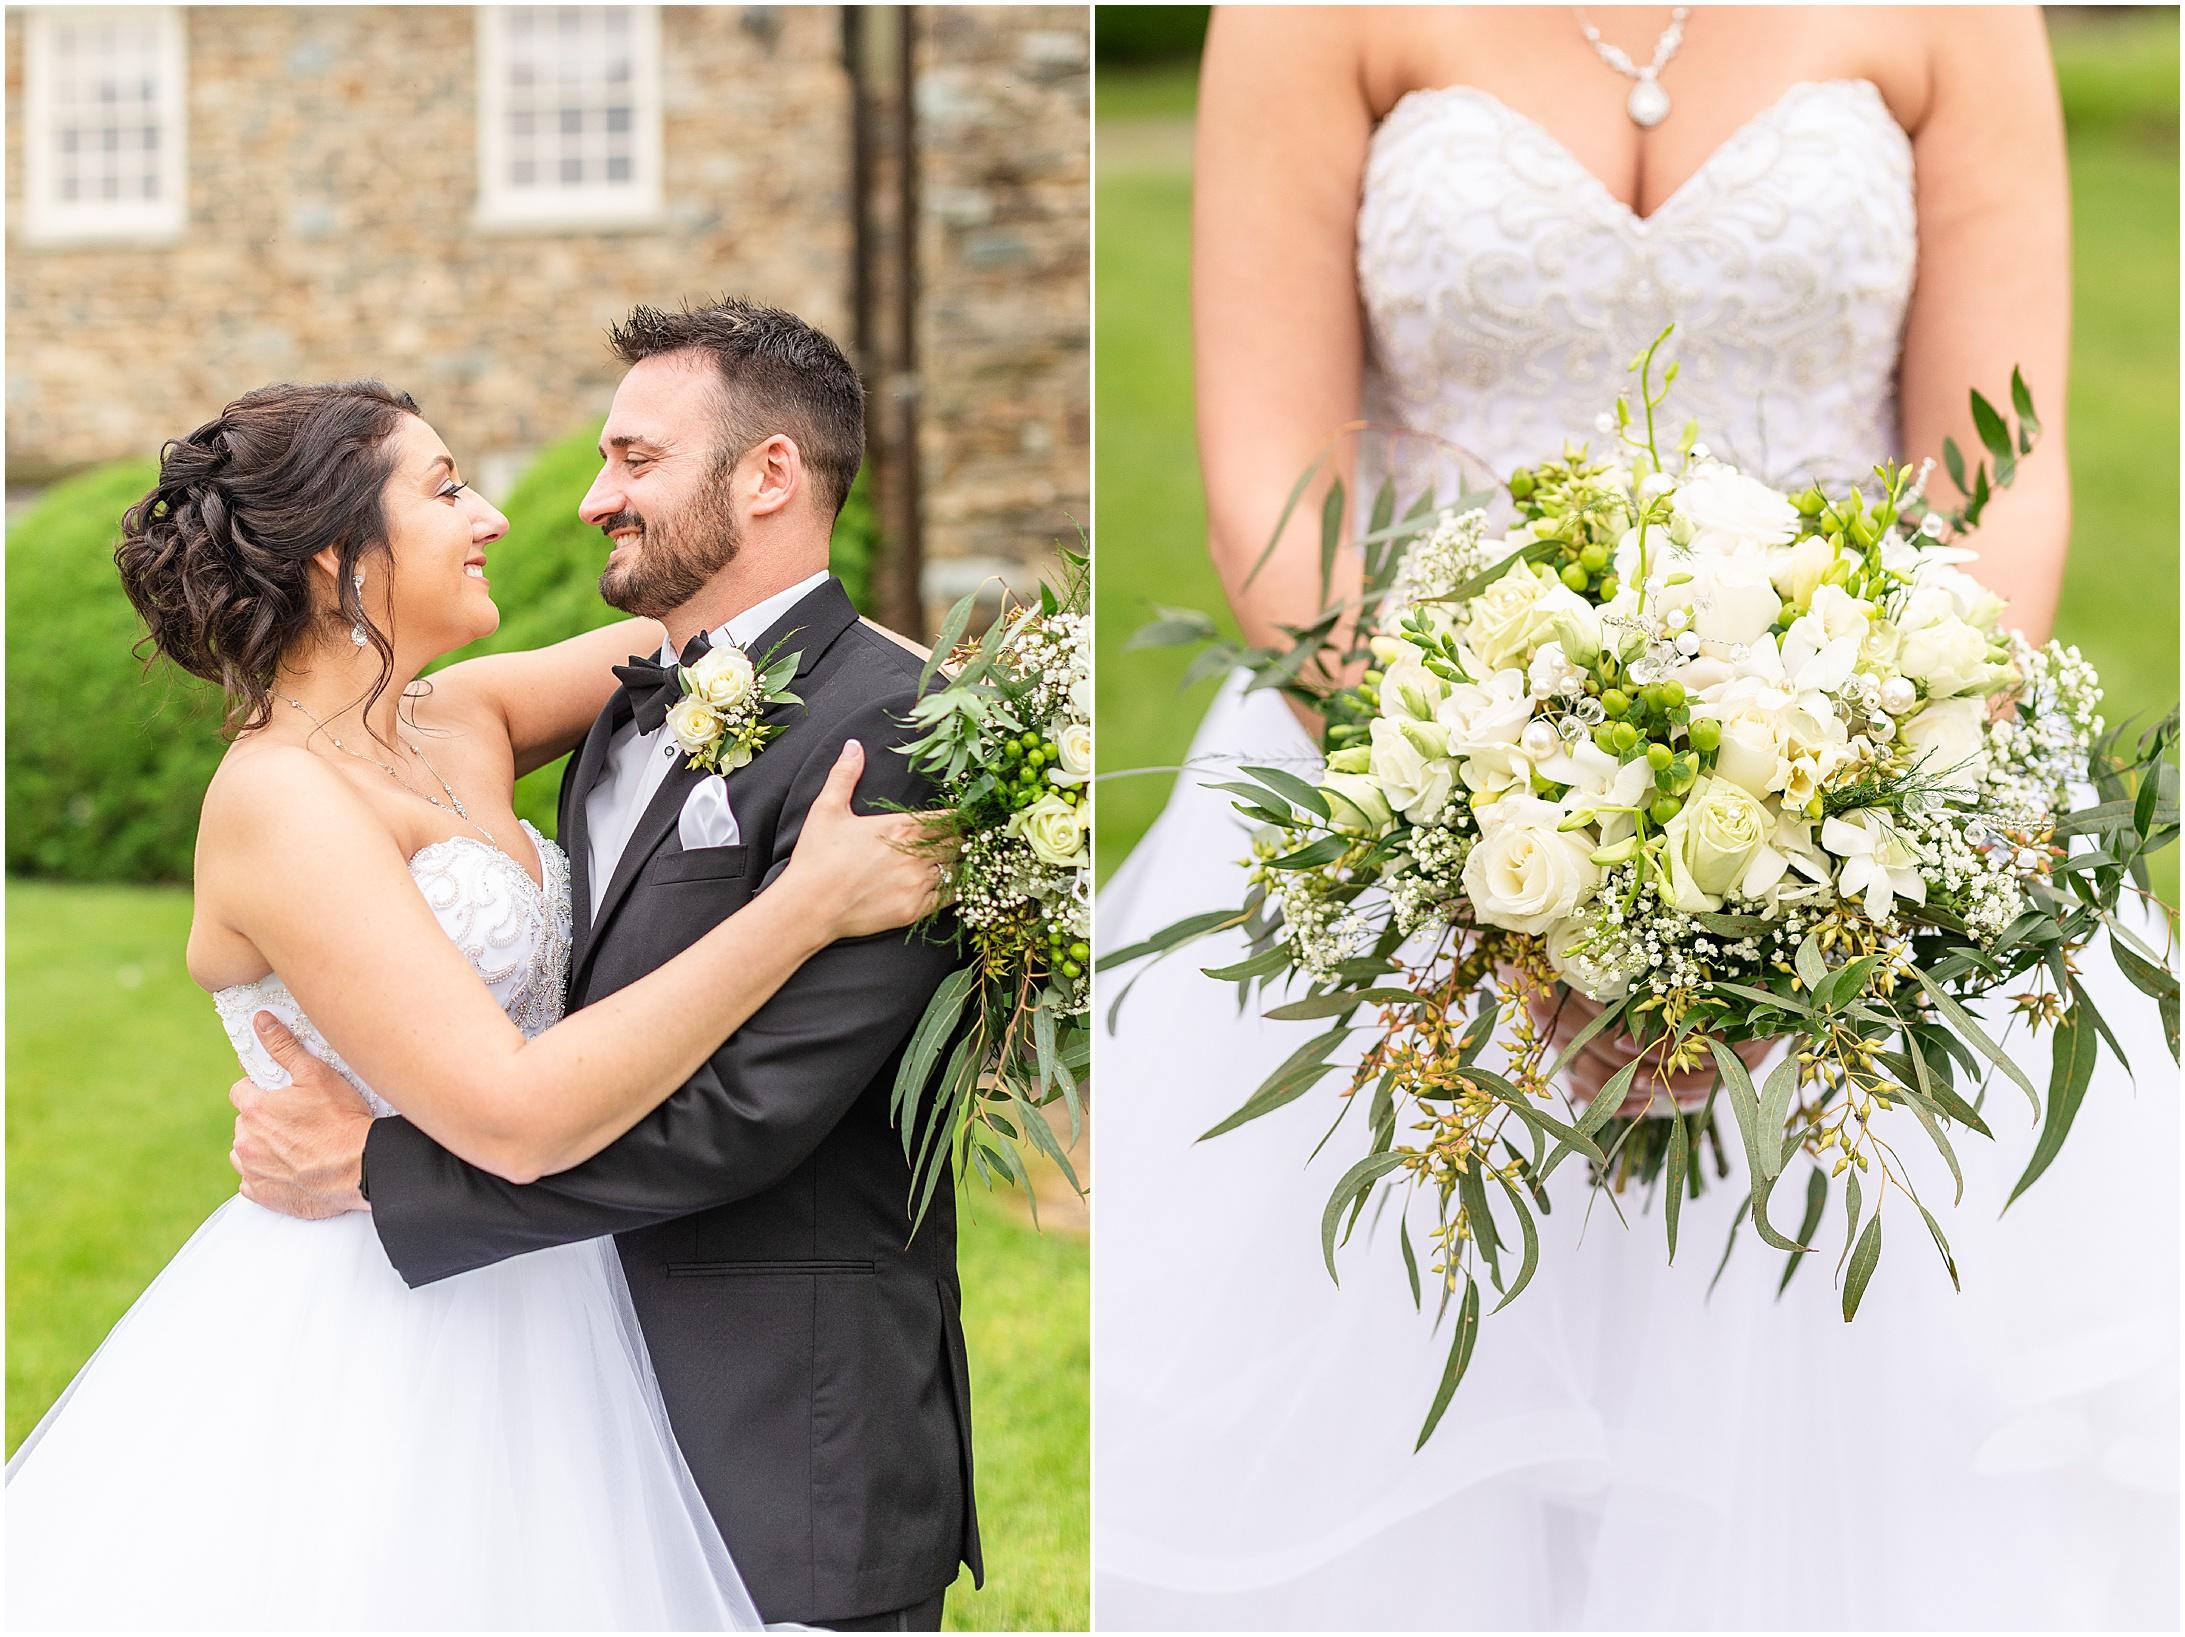 Stone-manor-country-club-wedding-photos-119.jpg